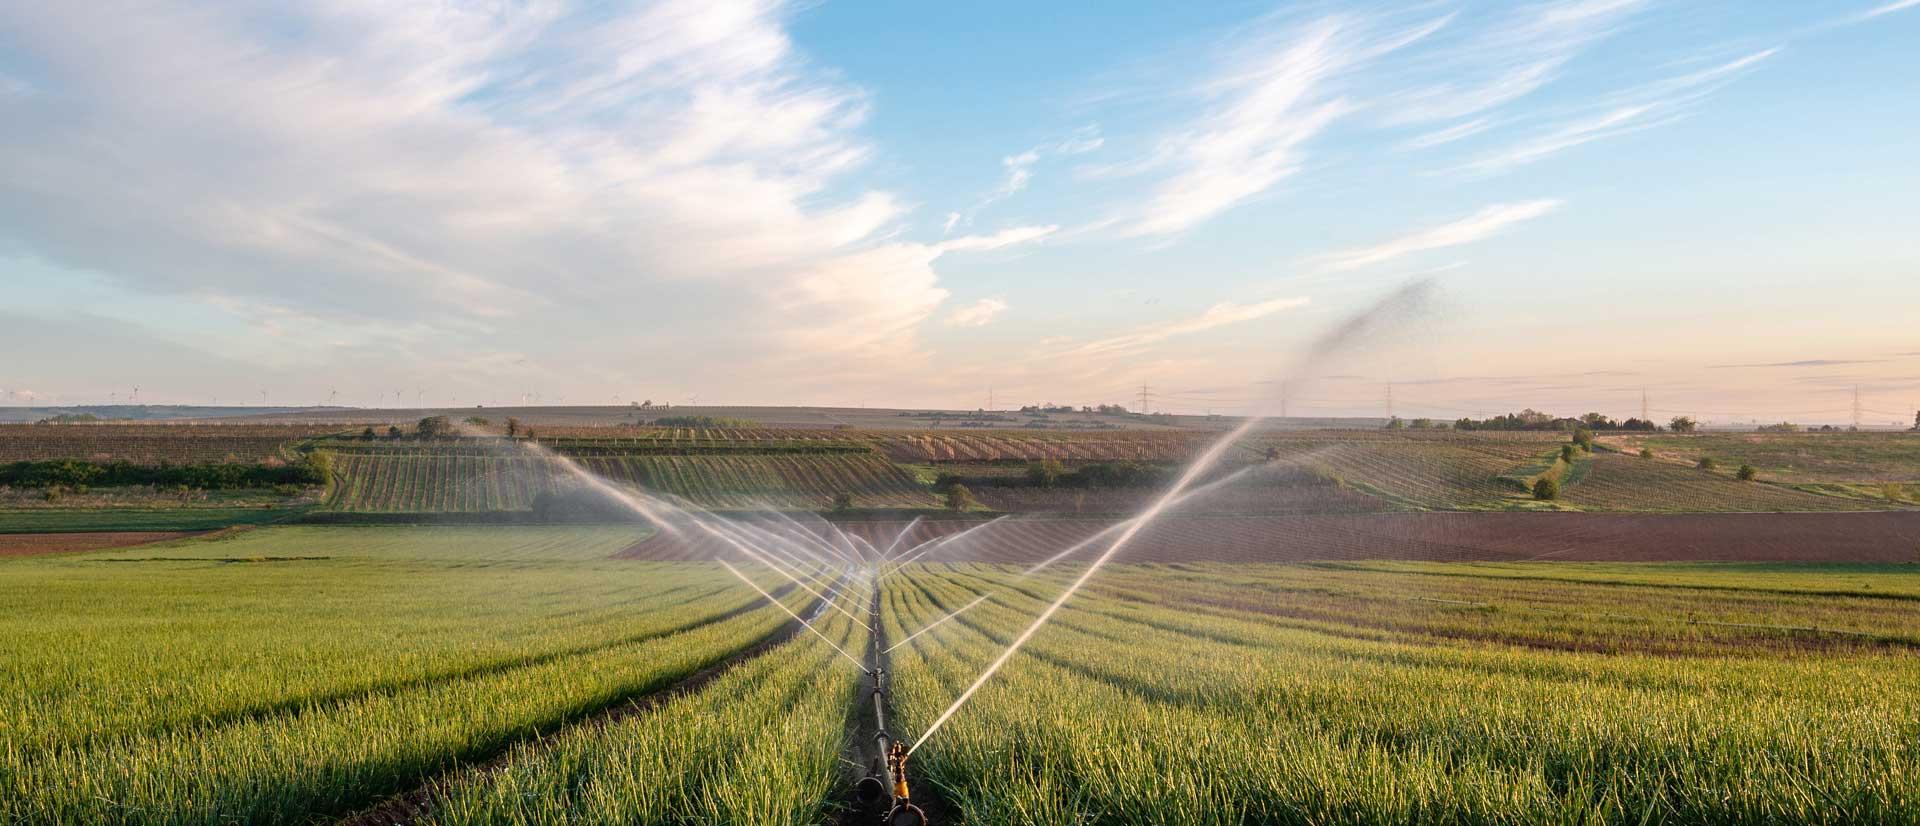 50 ans d'expérience à votre serviceVente et installation de matériel d'irrigation